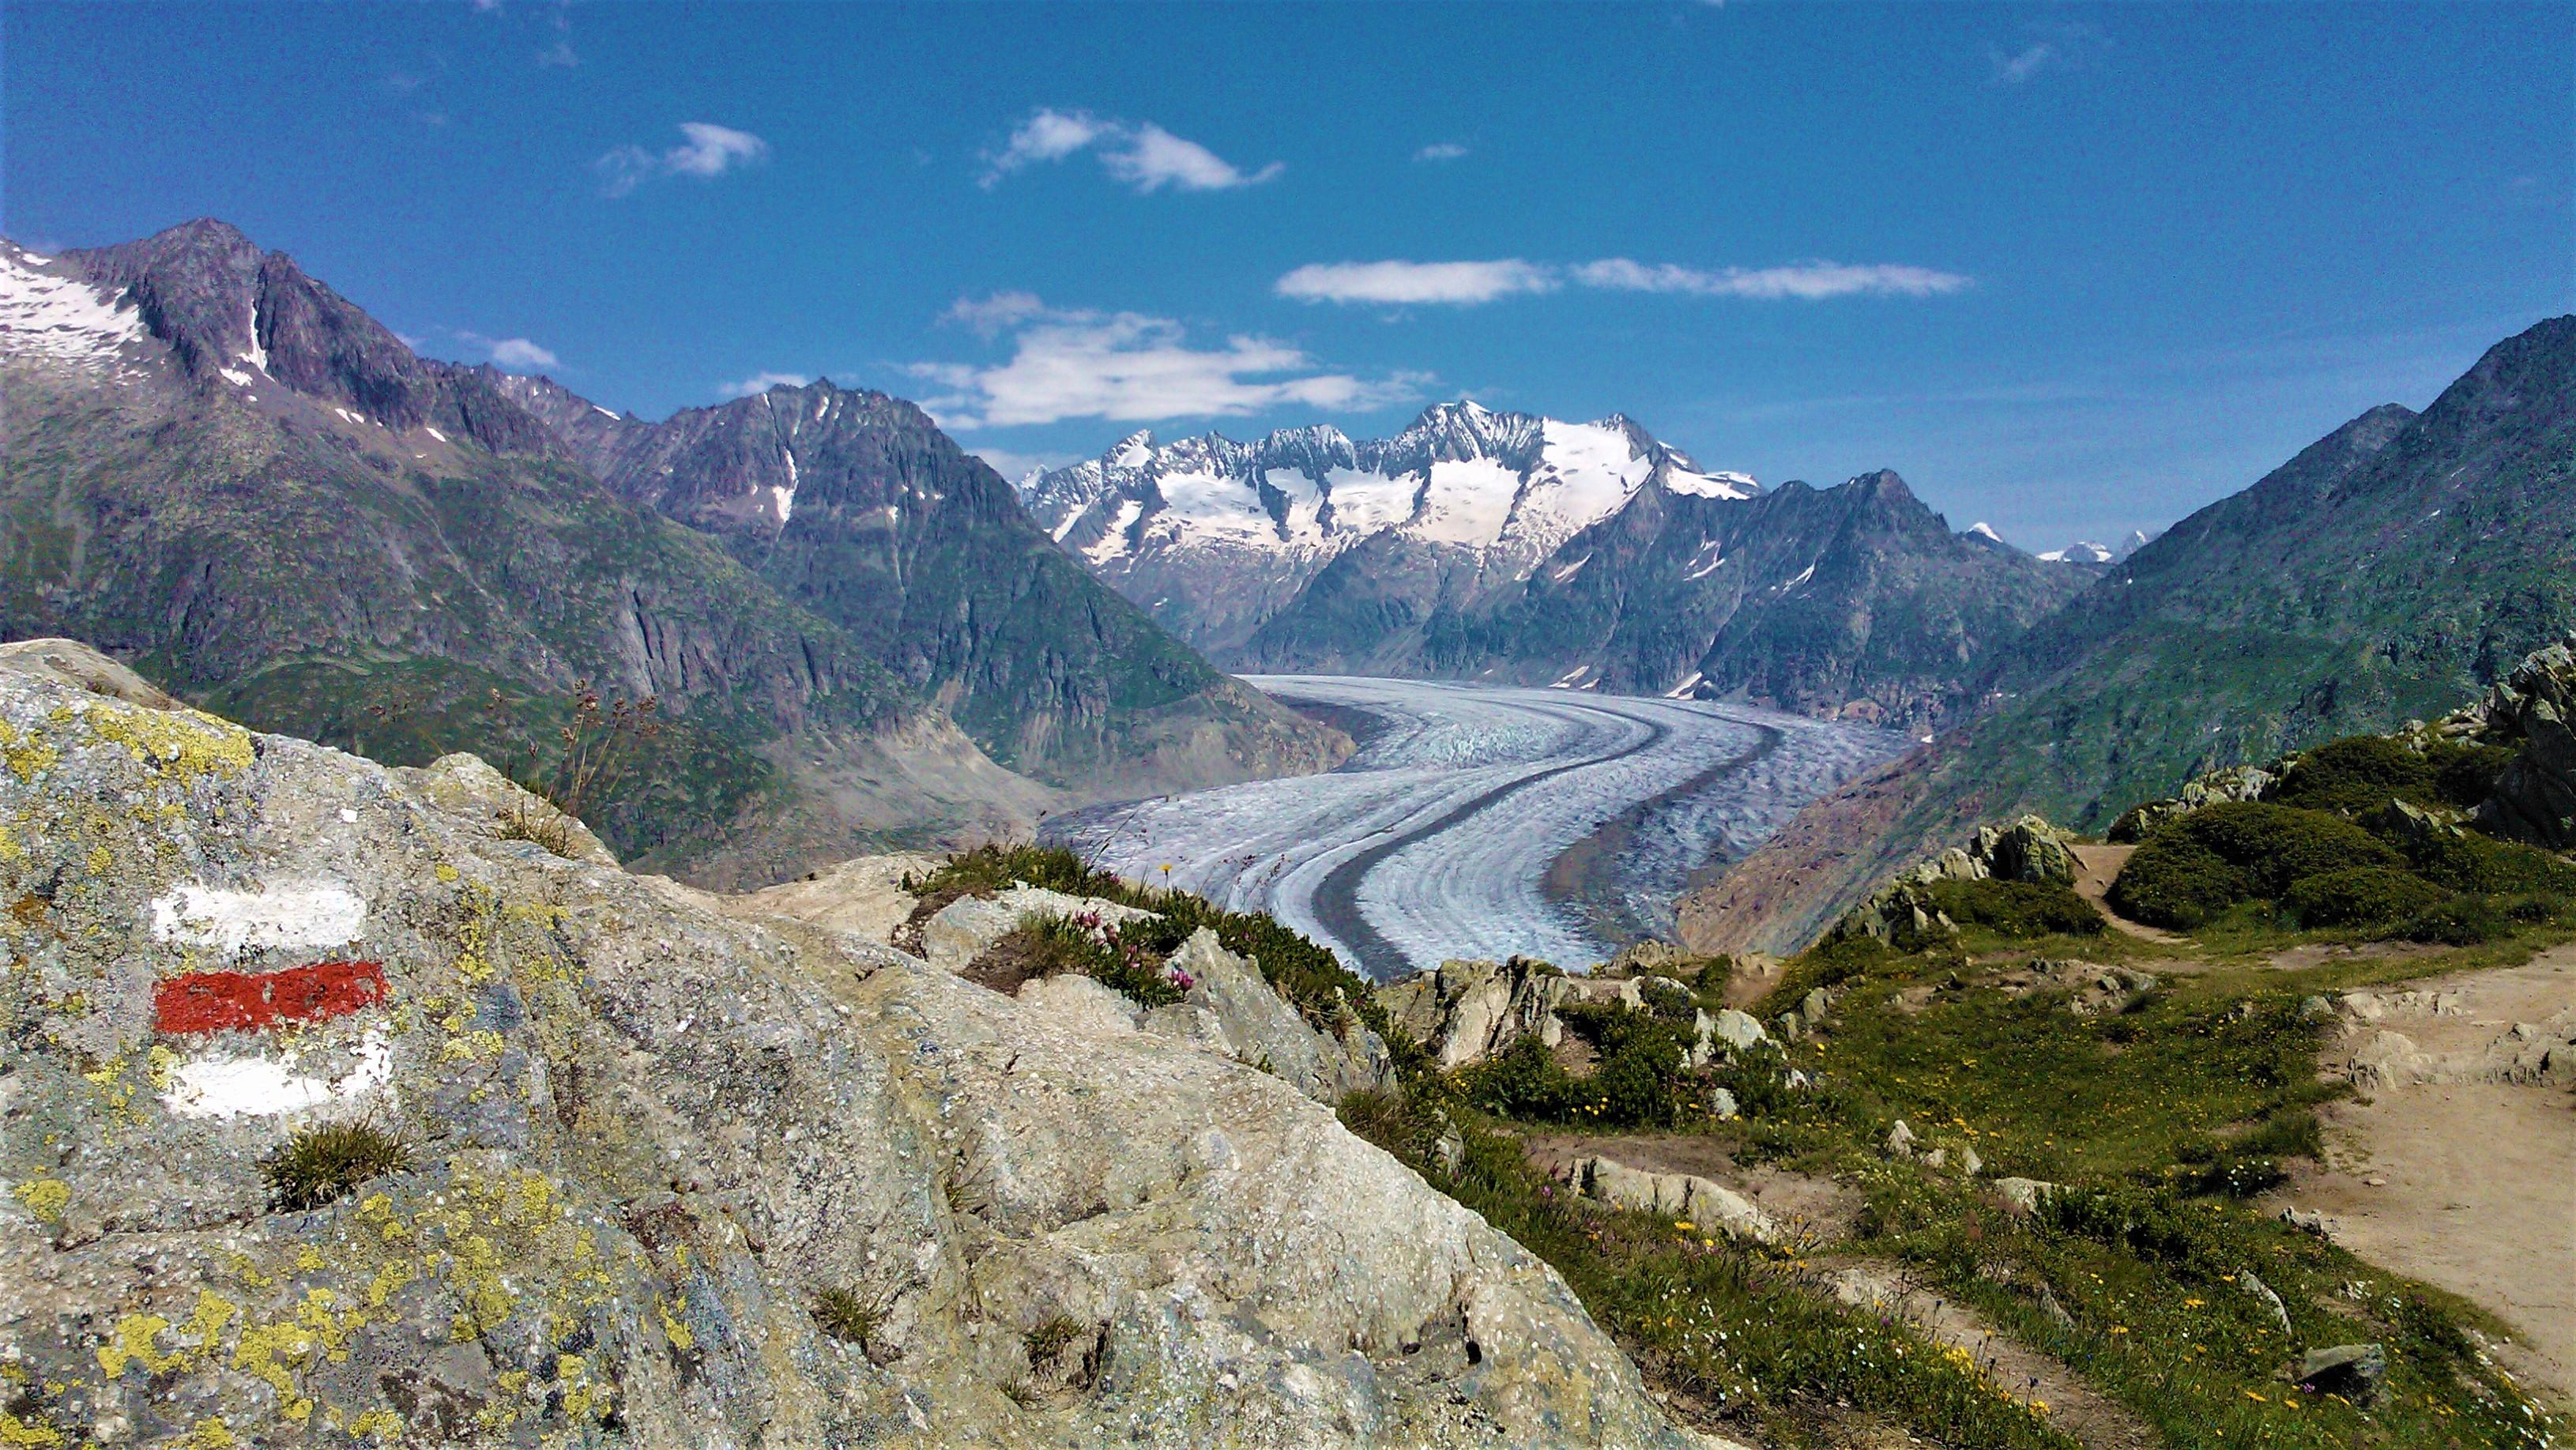 suisse romande ou randonner glacier aletsch que voir blog voyage alpes arpenter le chemin